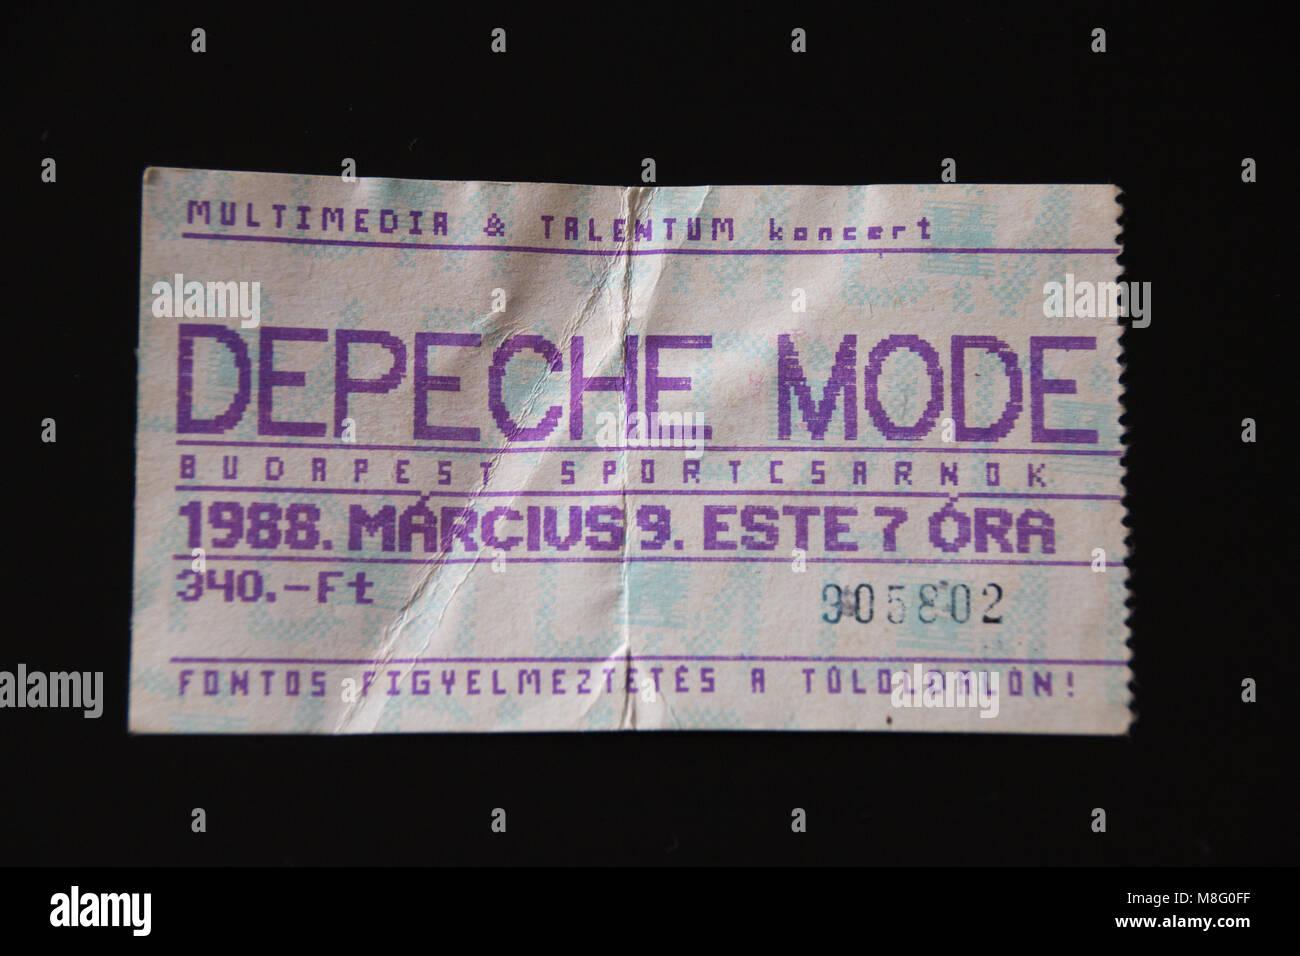 Magdeburg, Deutschland - 17 März 2018: Vintage Konzert ticket des Pop Band Depeche Mode, die ein Konzert gab, Stockbild